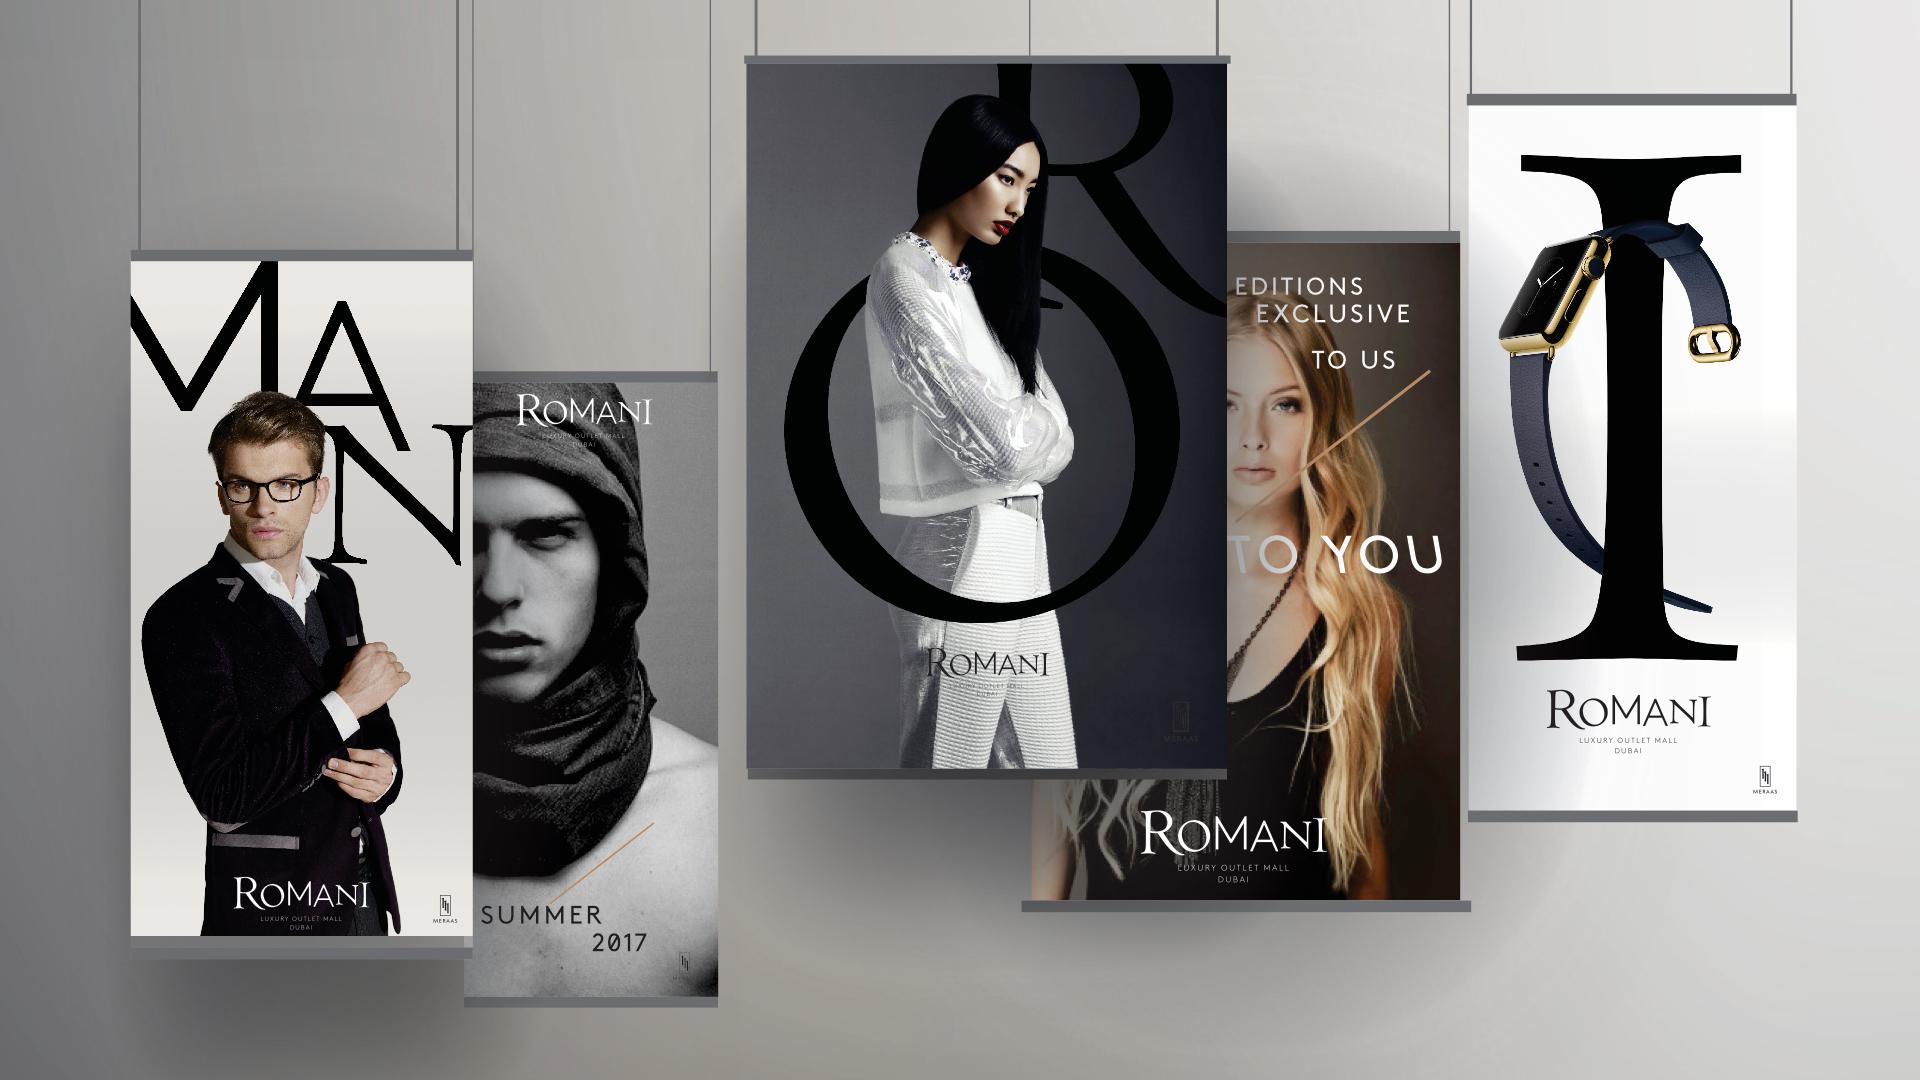 Brand design system for fashion retail development by Garrett Reil